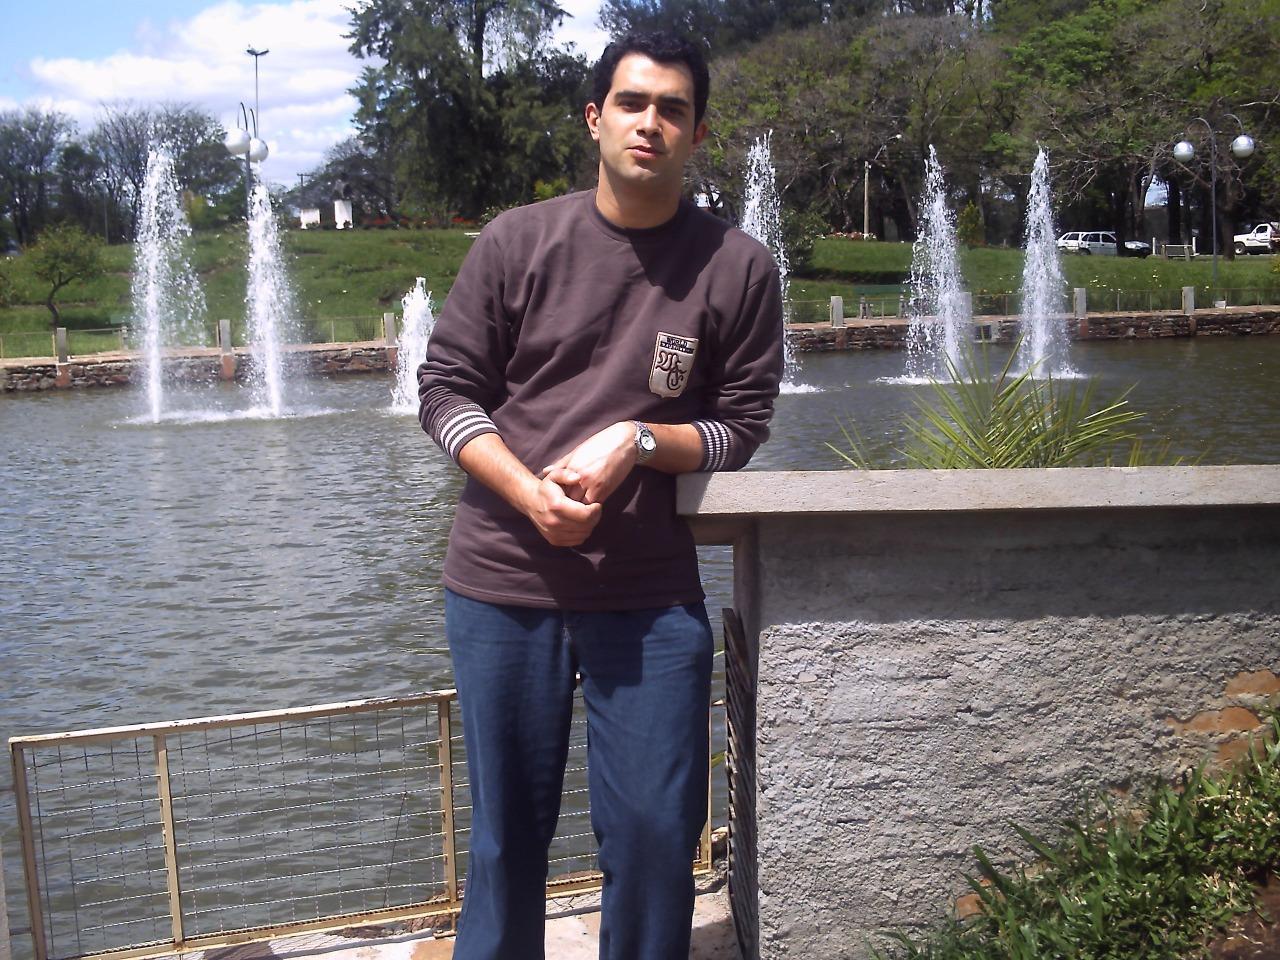 'Era inocente e brincalhão', diz irmão sobre homem assassinado na casa do vizinho em Alegrete